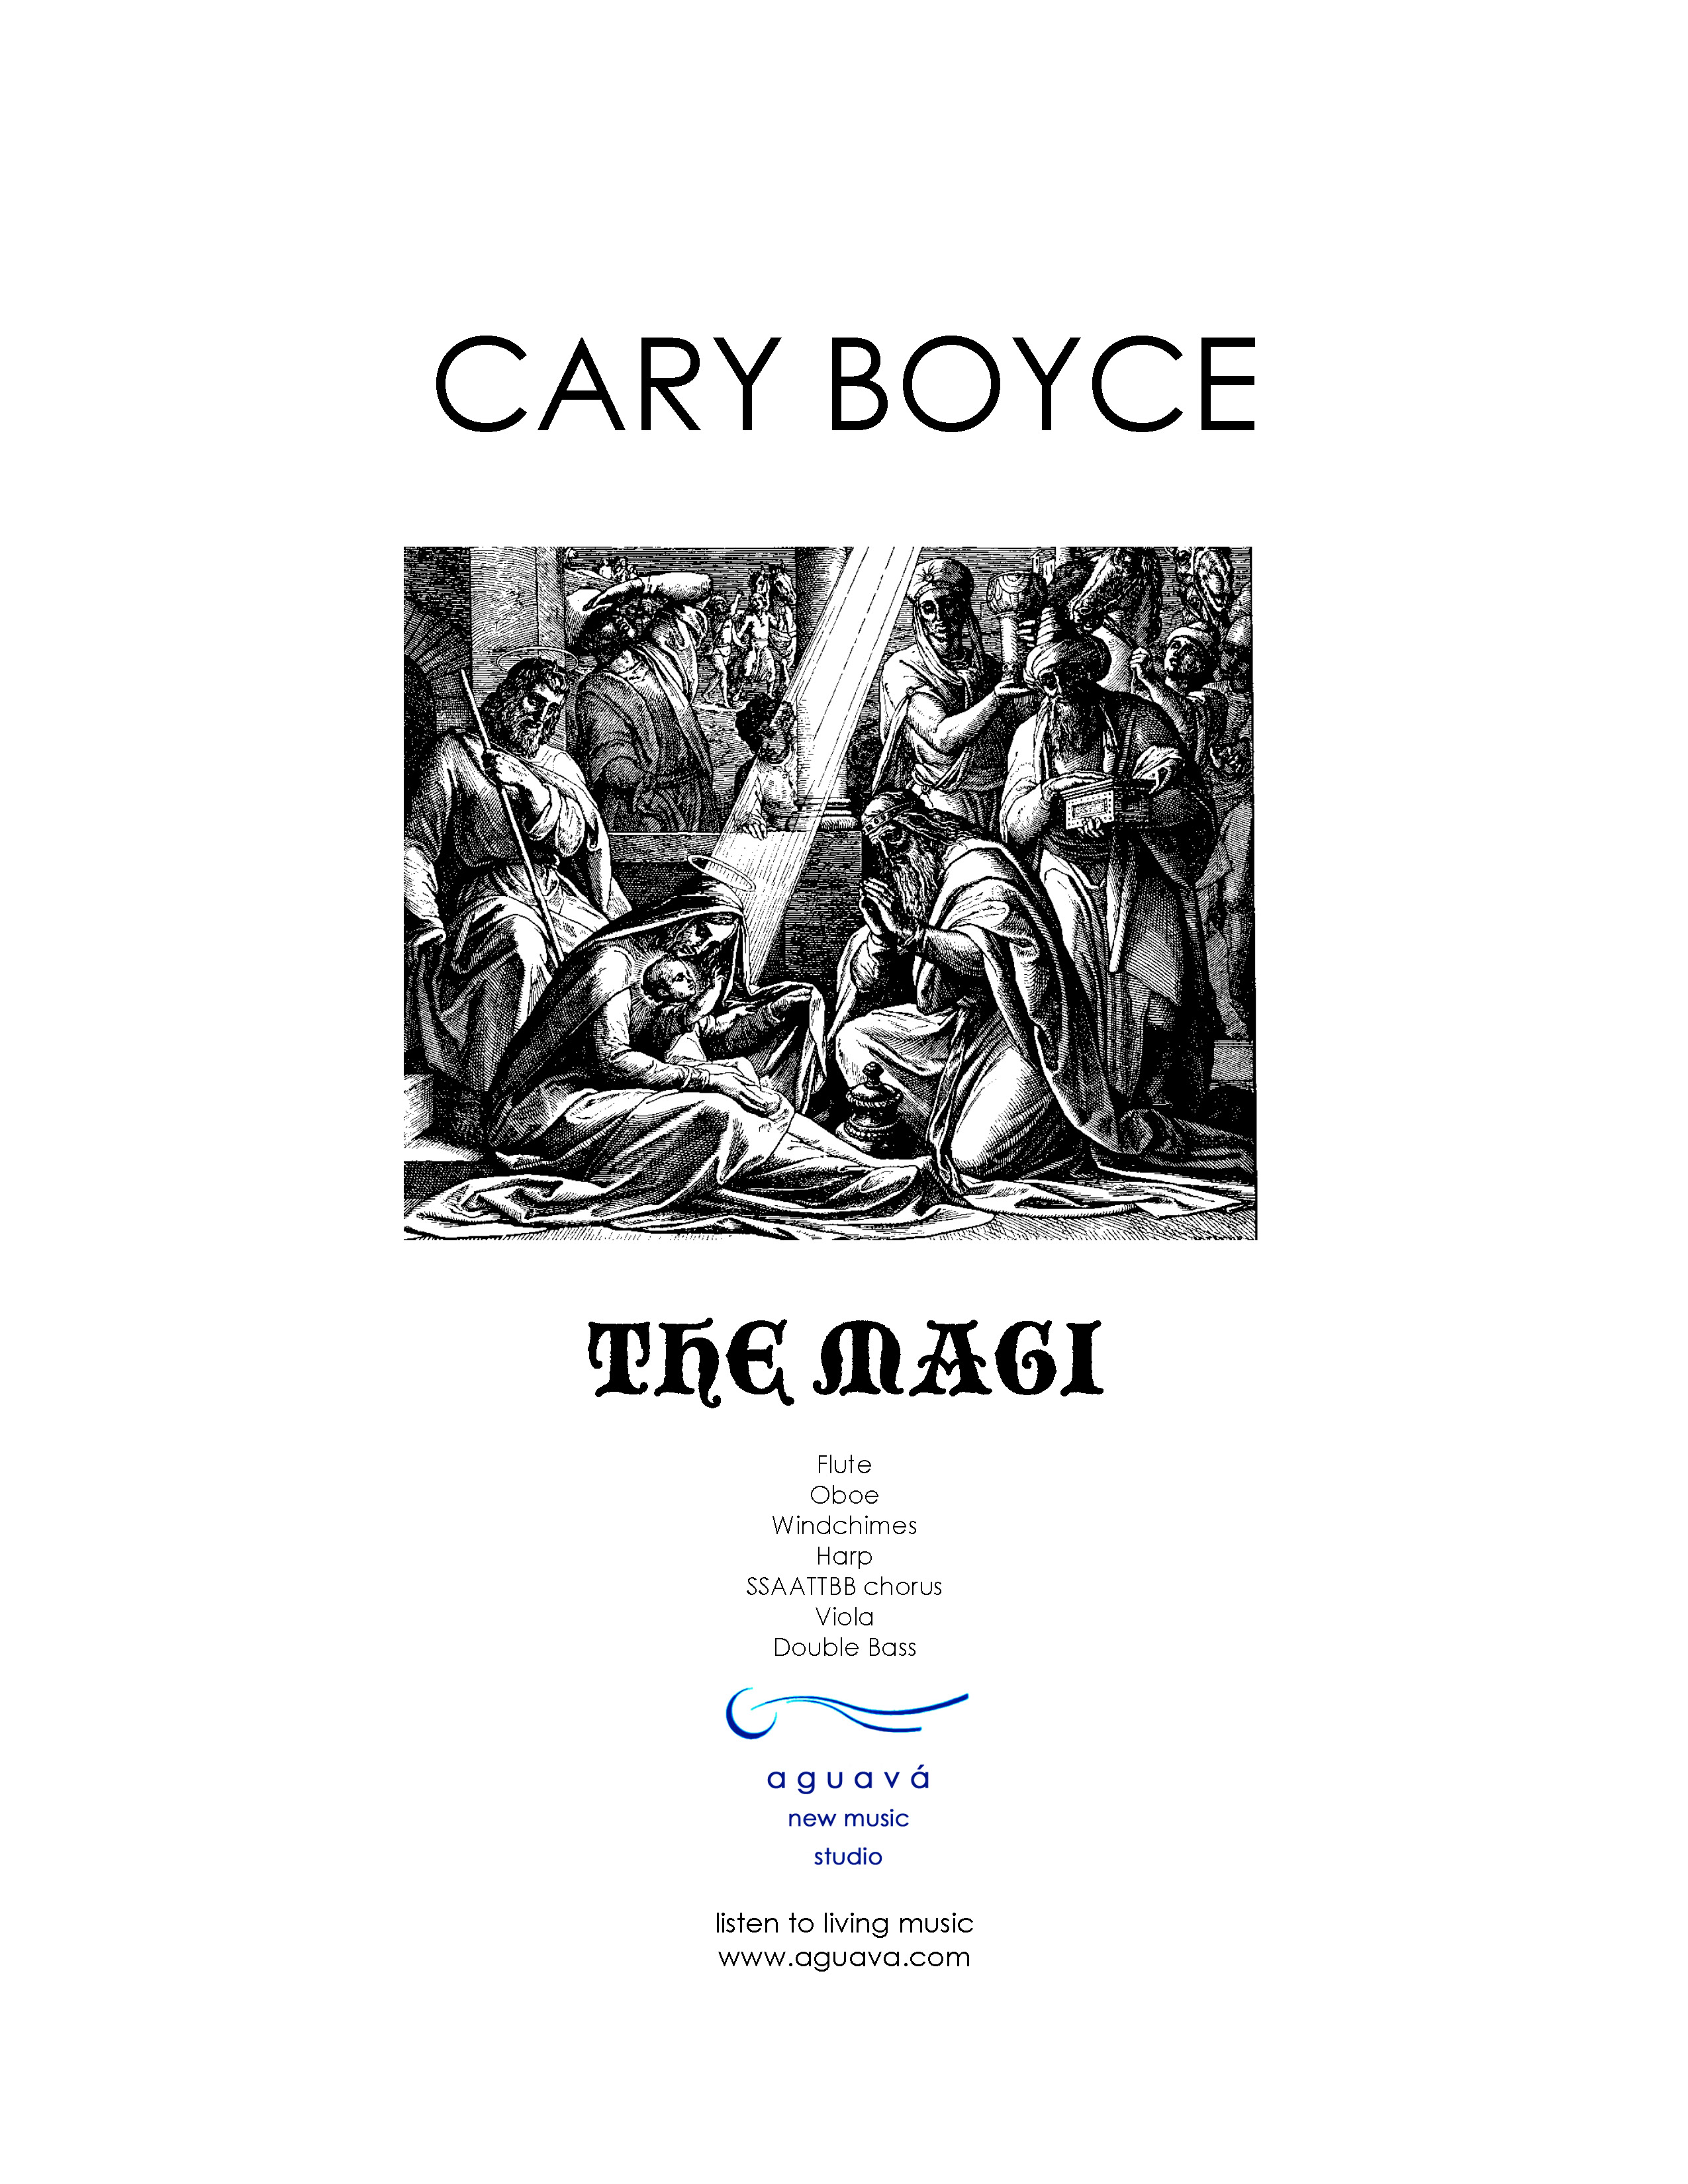 Magi w/Orchestra Cover